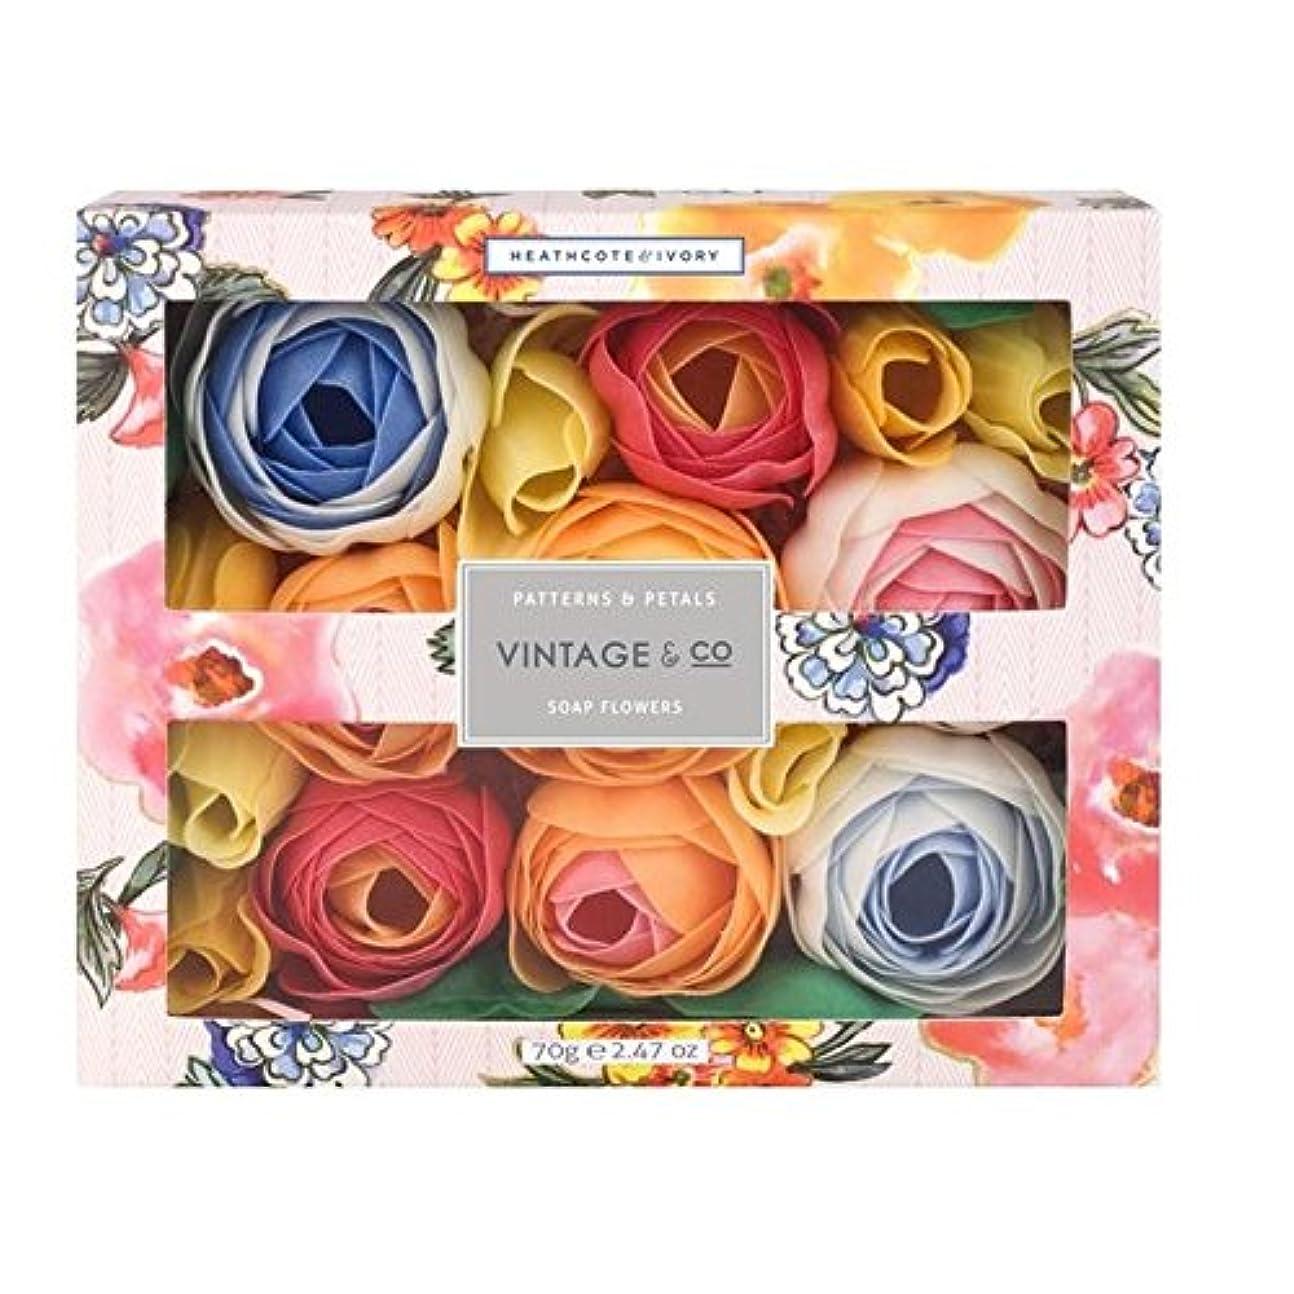 電報敏感な放棄されたヒースコート&アイボリーパターン&花びら石鹸の花70グラム x2 - Heathcote & Ivory Patterns & Petals Soap Flowers 70g (Pack of 2) [並行輸入品]